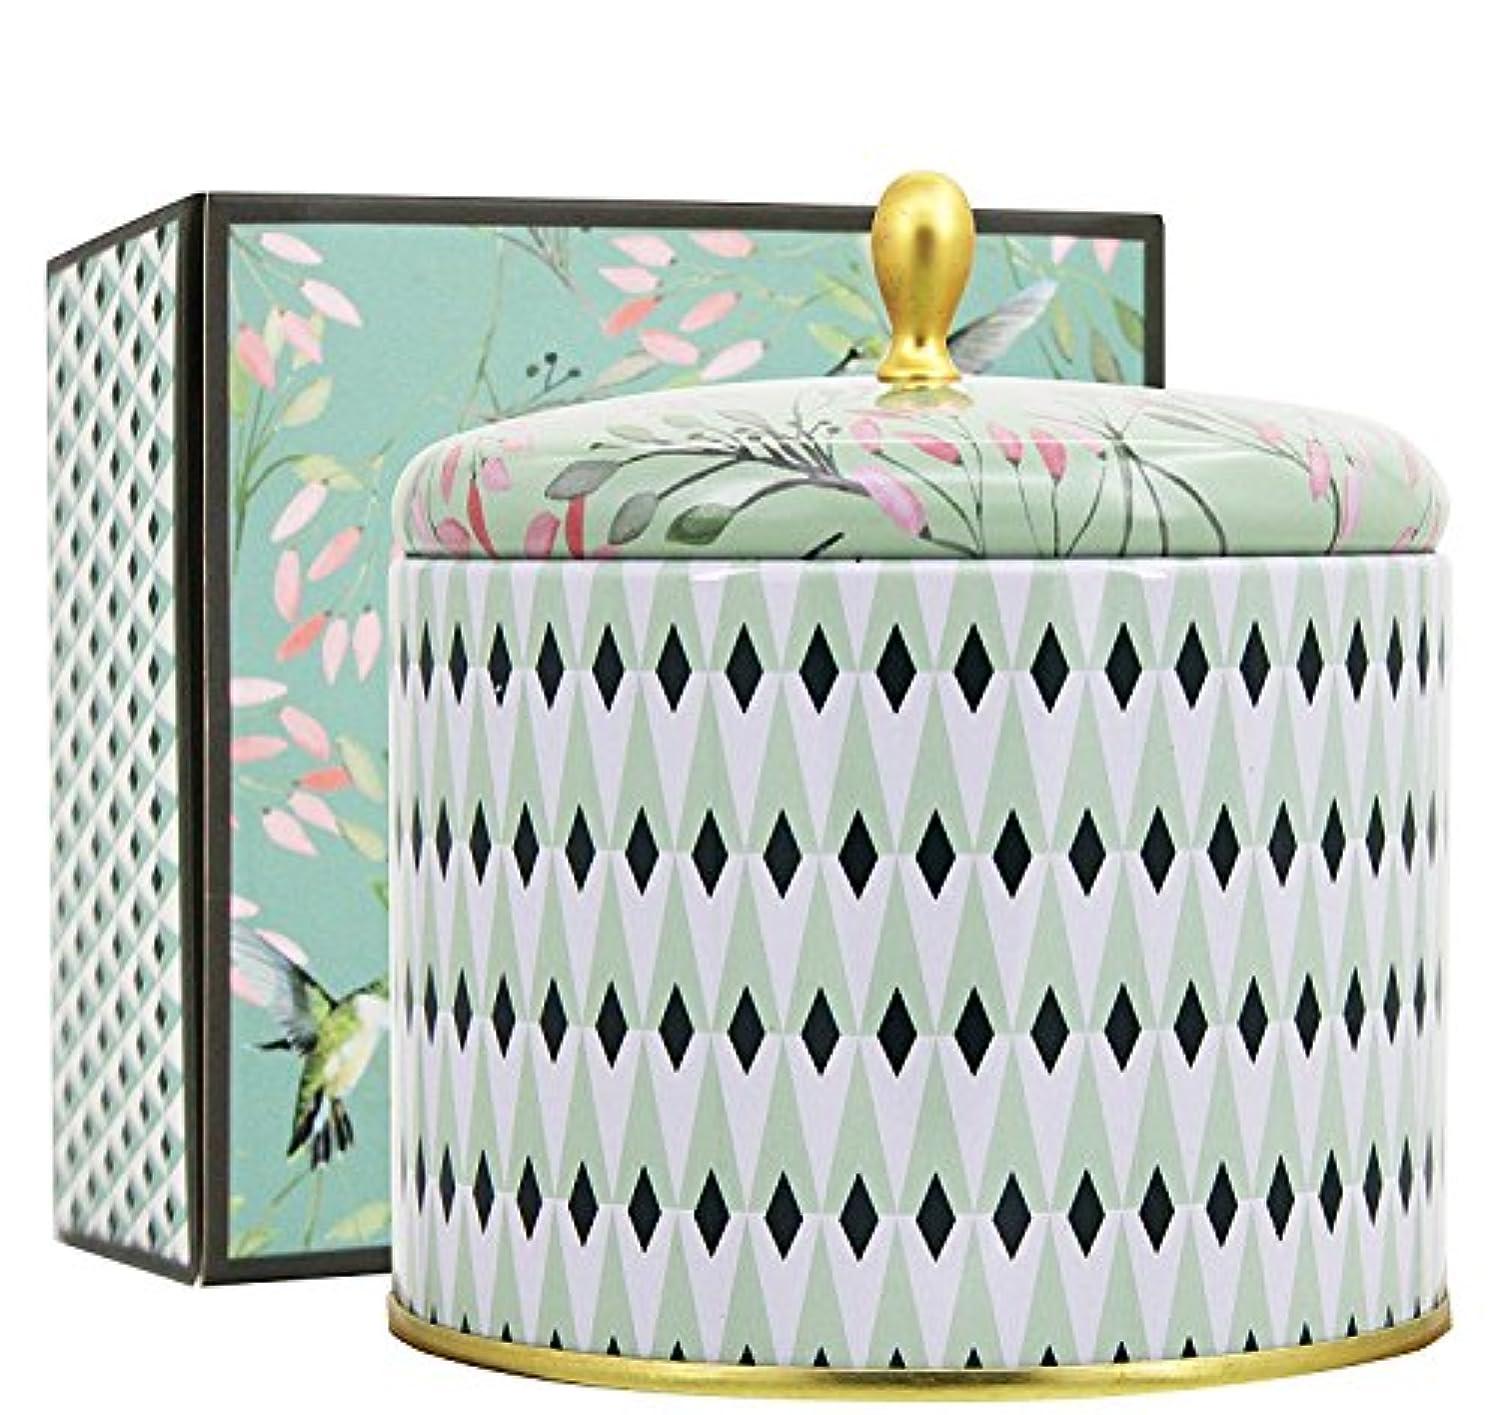 やさしい旅客秘書(White Tea Candle) - Scented Candles 410ml White Tea Large Tin Aromatherapy Candle 2 Wicks Natural Wax, Valentine's...